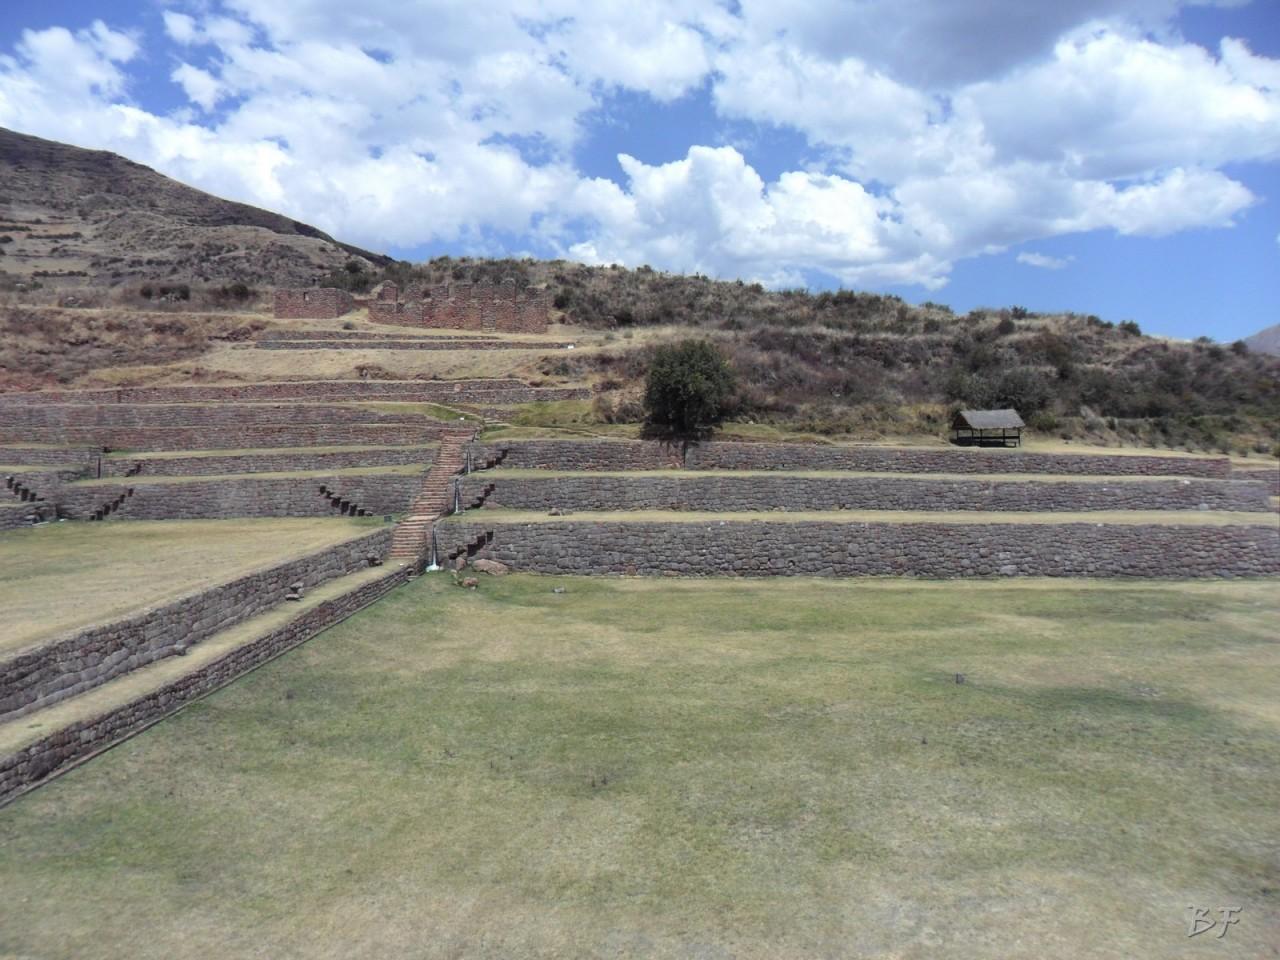 Mura-Poligonali-Megaliti-Tipon-Oropesa-Cusco-Perù-20